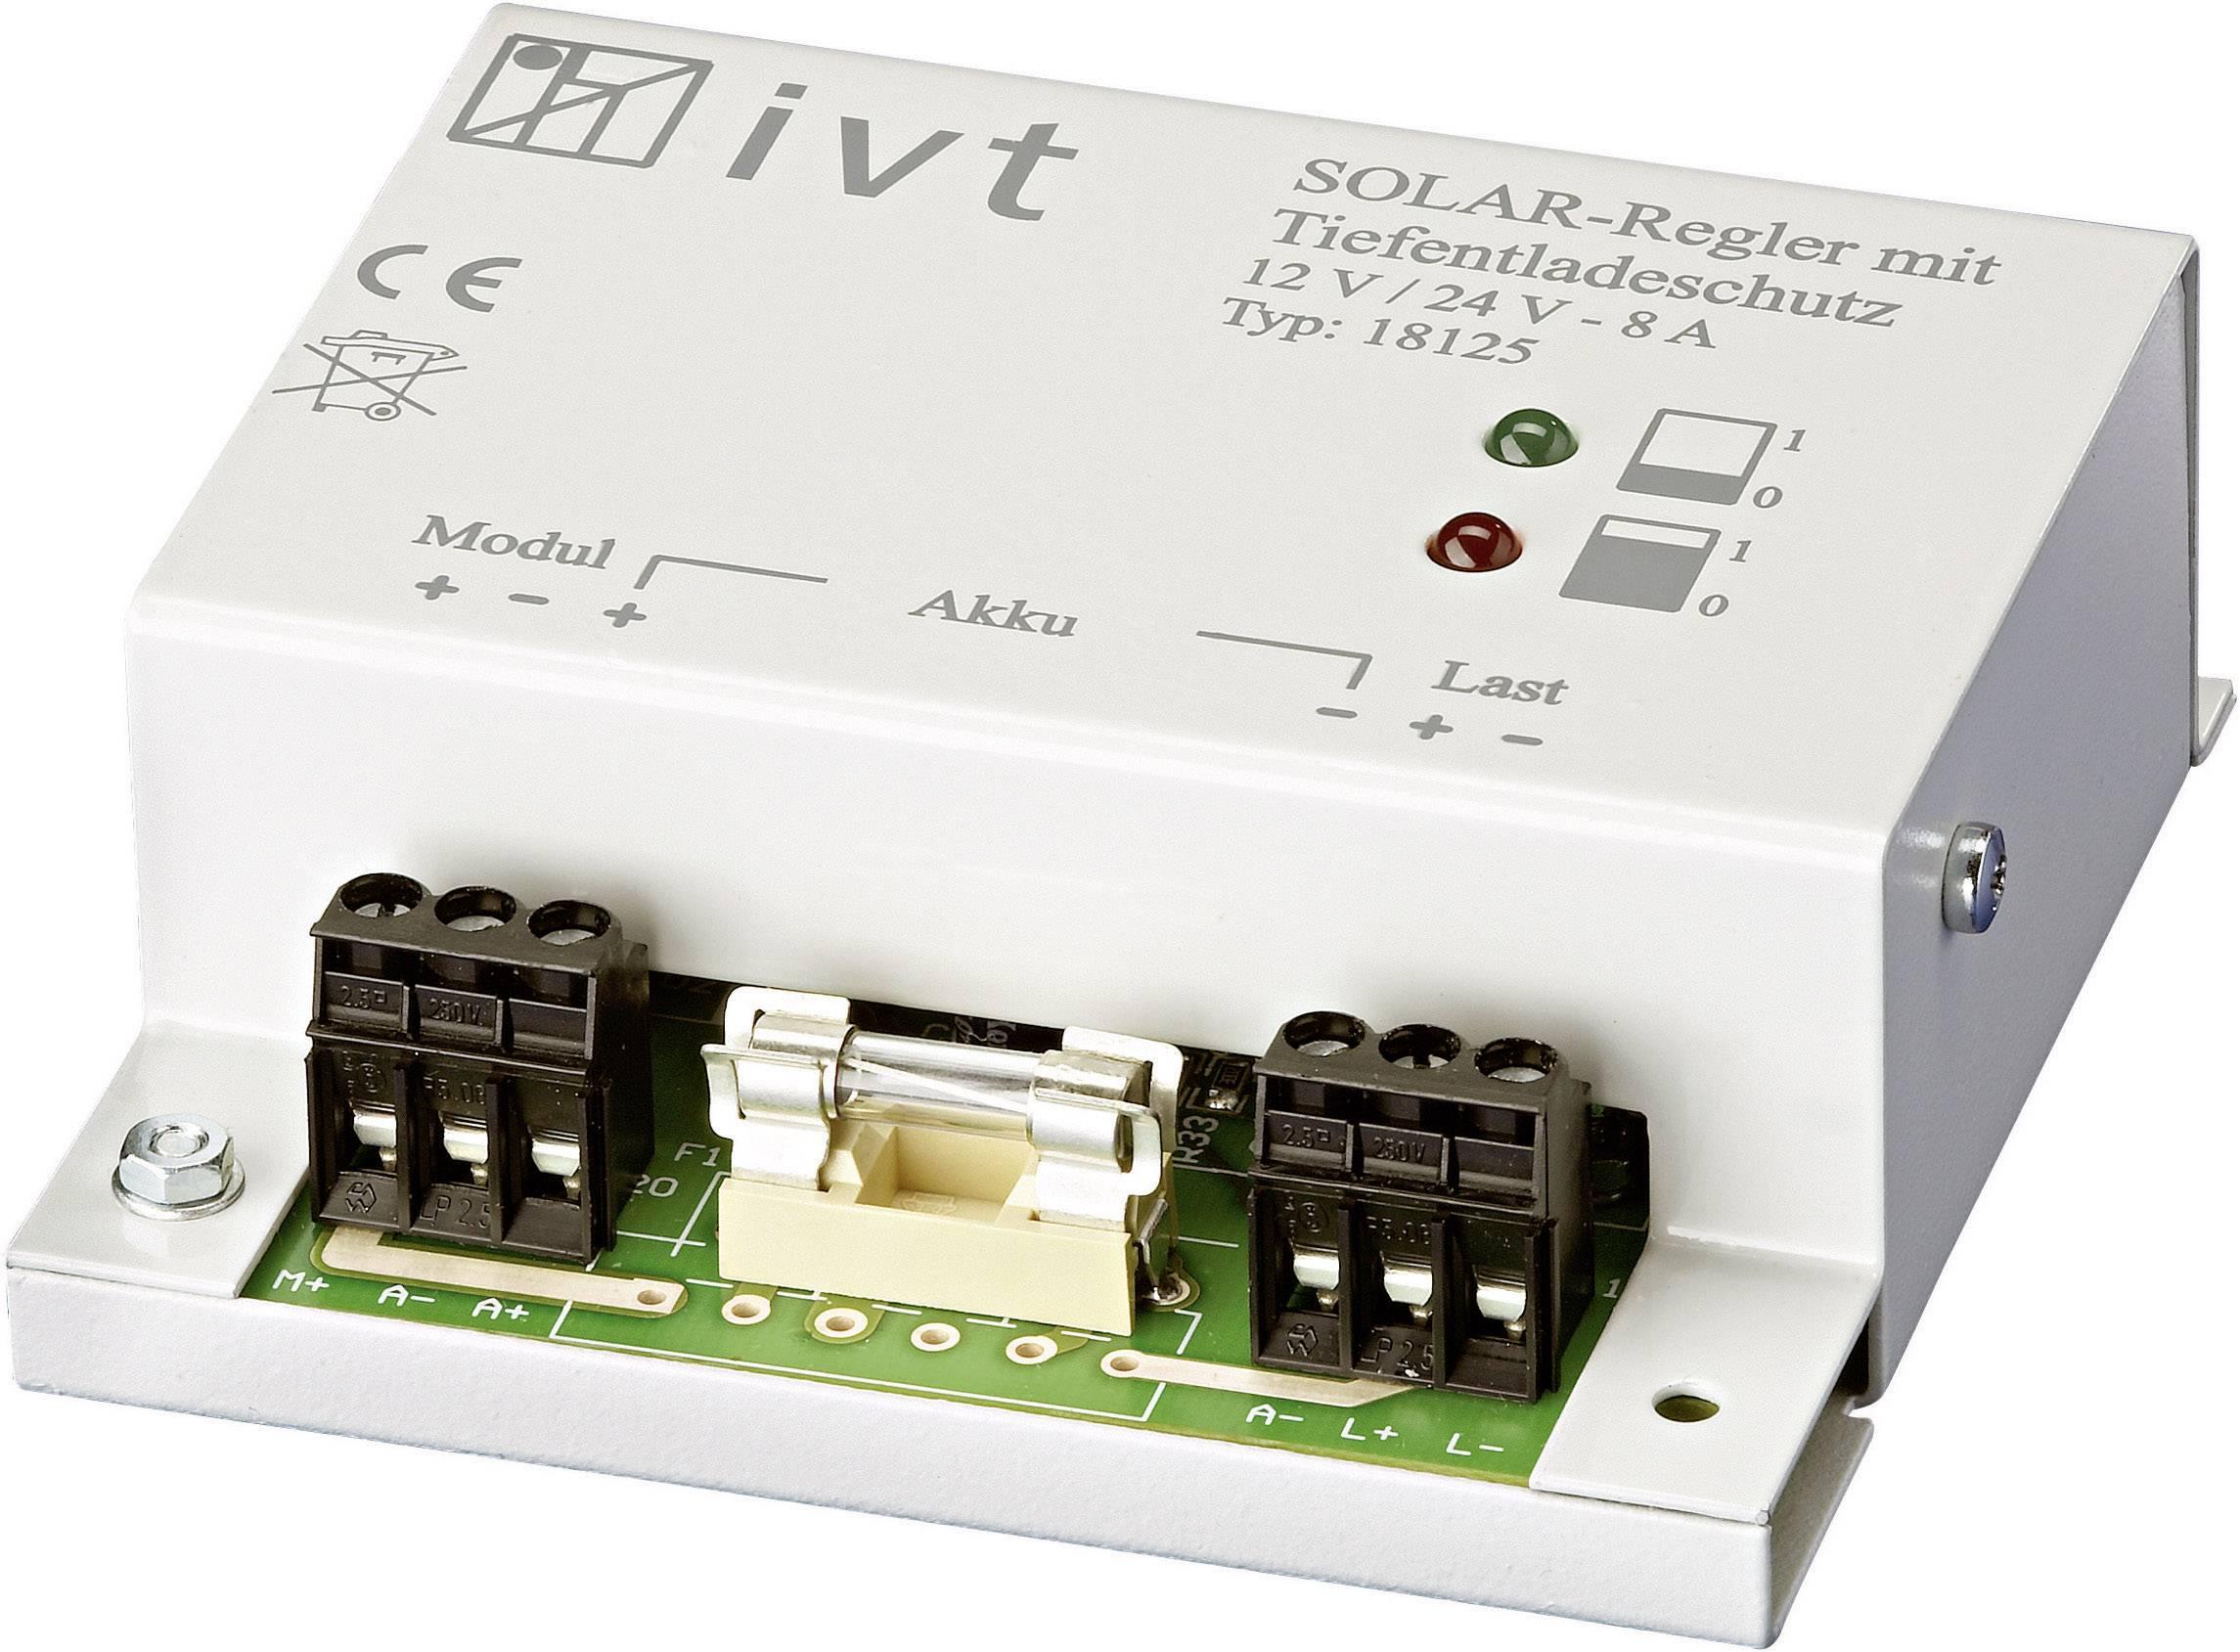 Solárny regulátor nabíjania IVT 200001 200001, 8 A, 12 V, 24 V